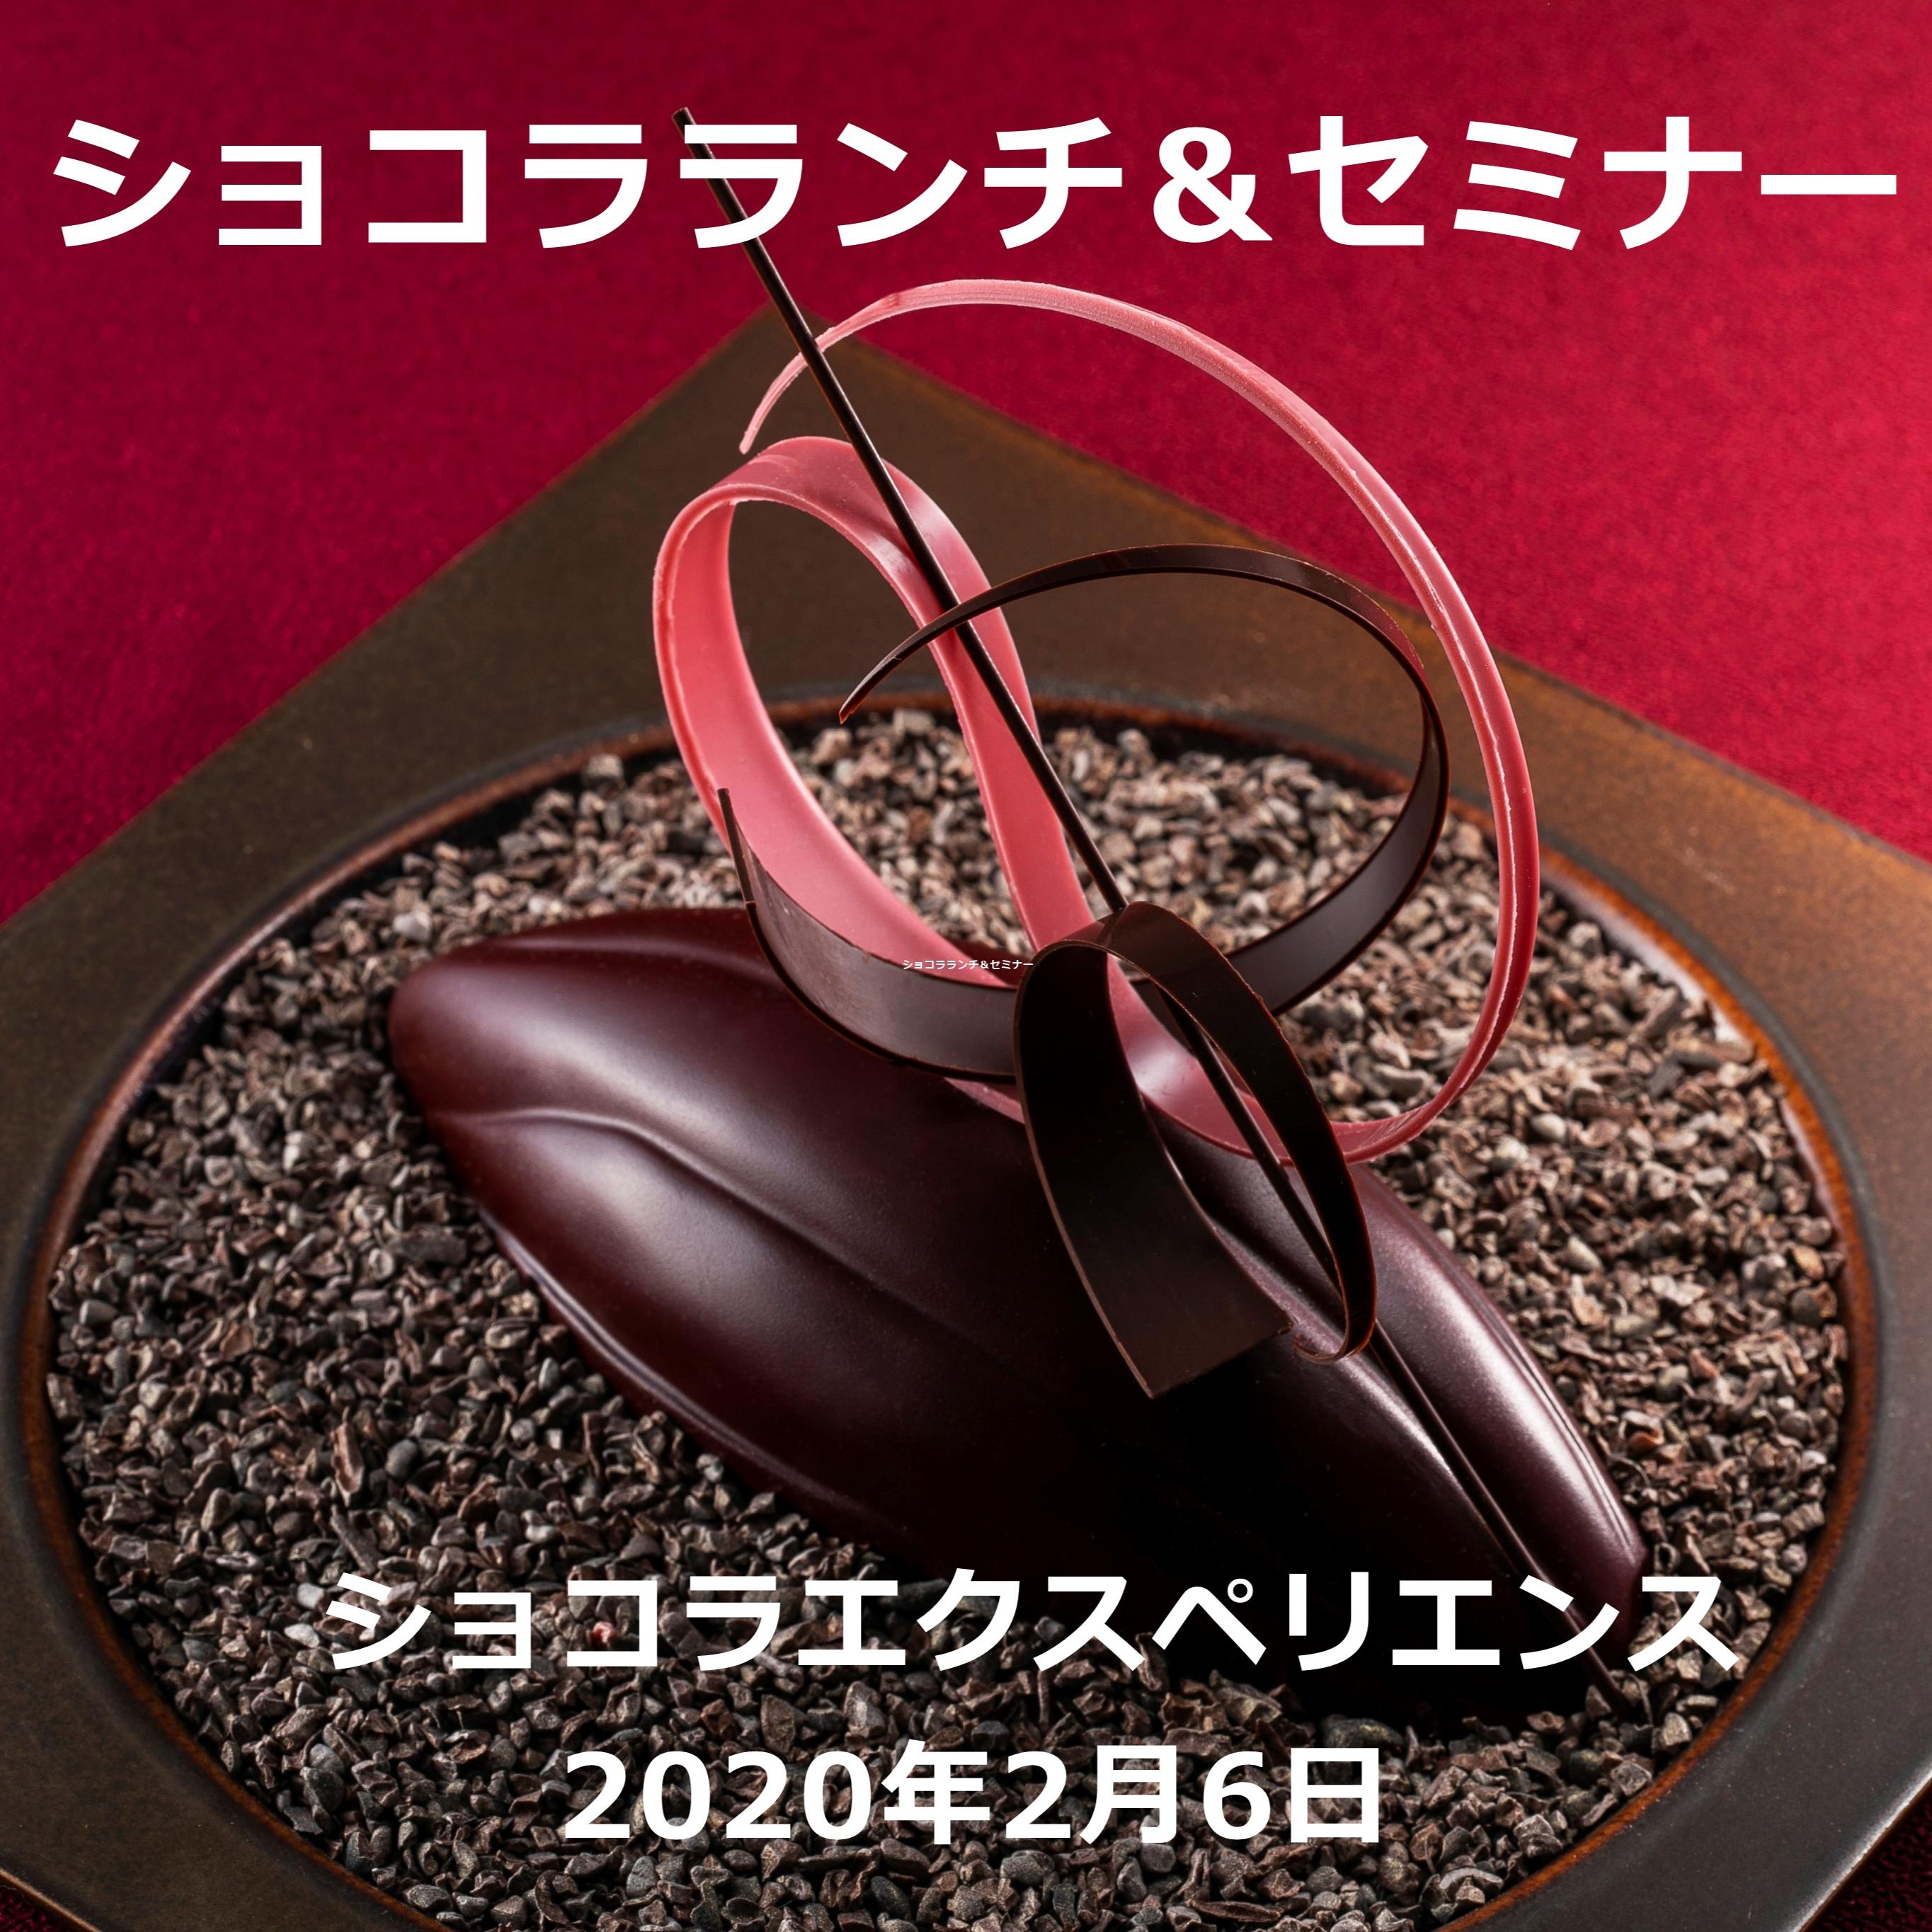 ショコラ エクスペリエンス ~ショコラ ランチ&セミナー~